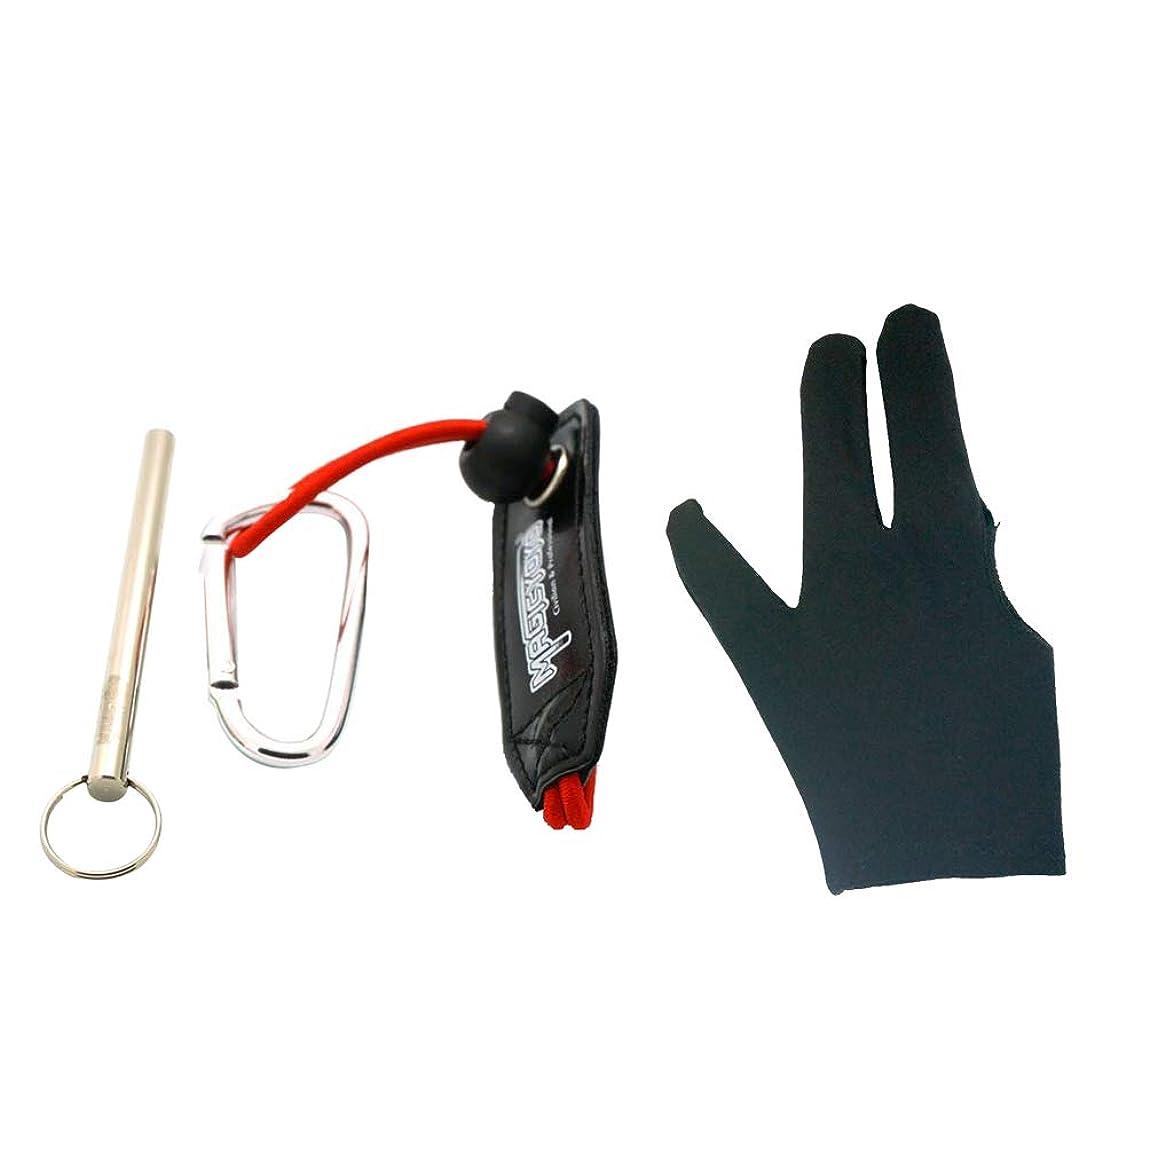 ひらめき壁トランペット手袋ツールセット ヨーヨーウエストホルダー ベアリング除去 プロヨーヨー用 アクセサリー